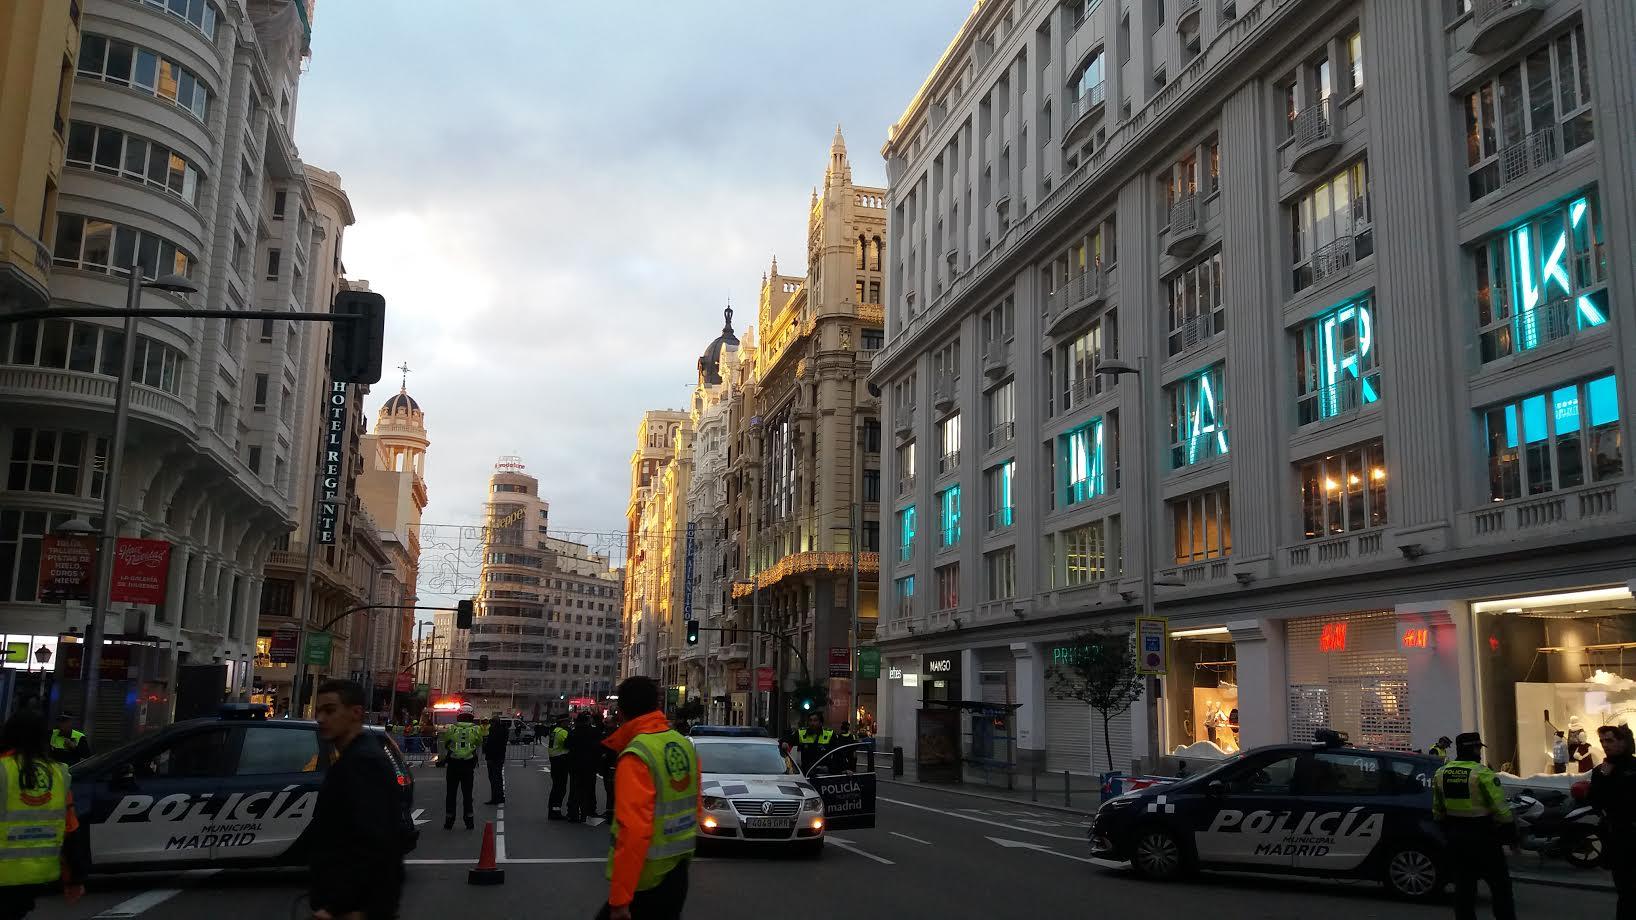 La polic a evac a la gran v a de madrid unos 15 minutos - Cerrajeros en madrid centro ...